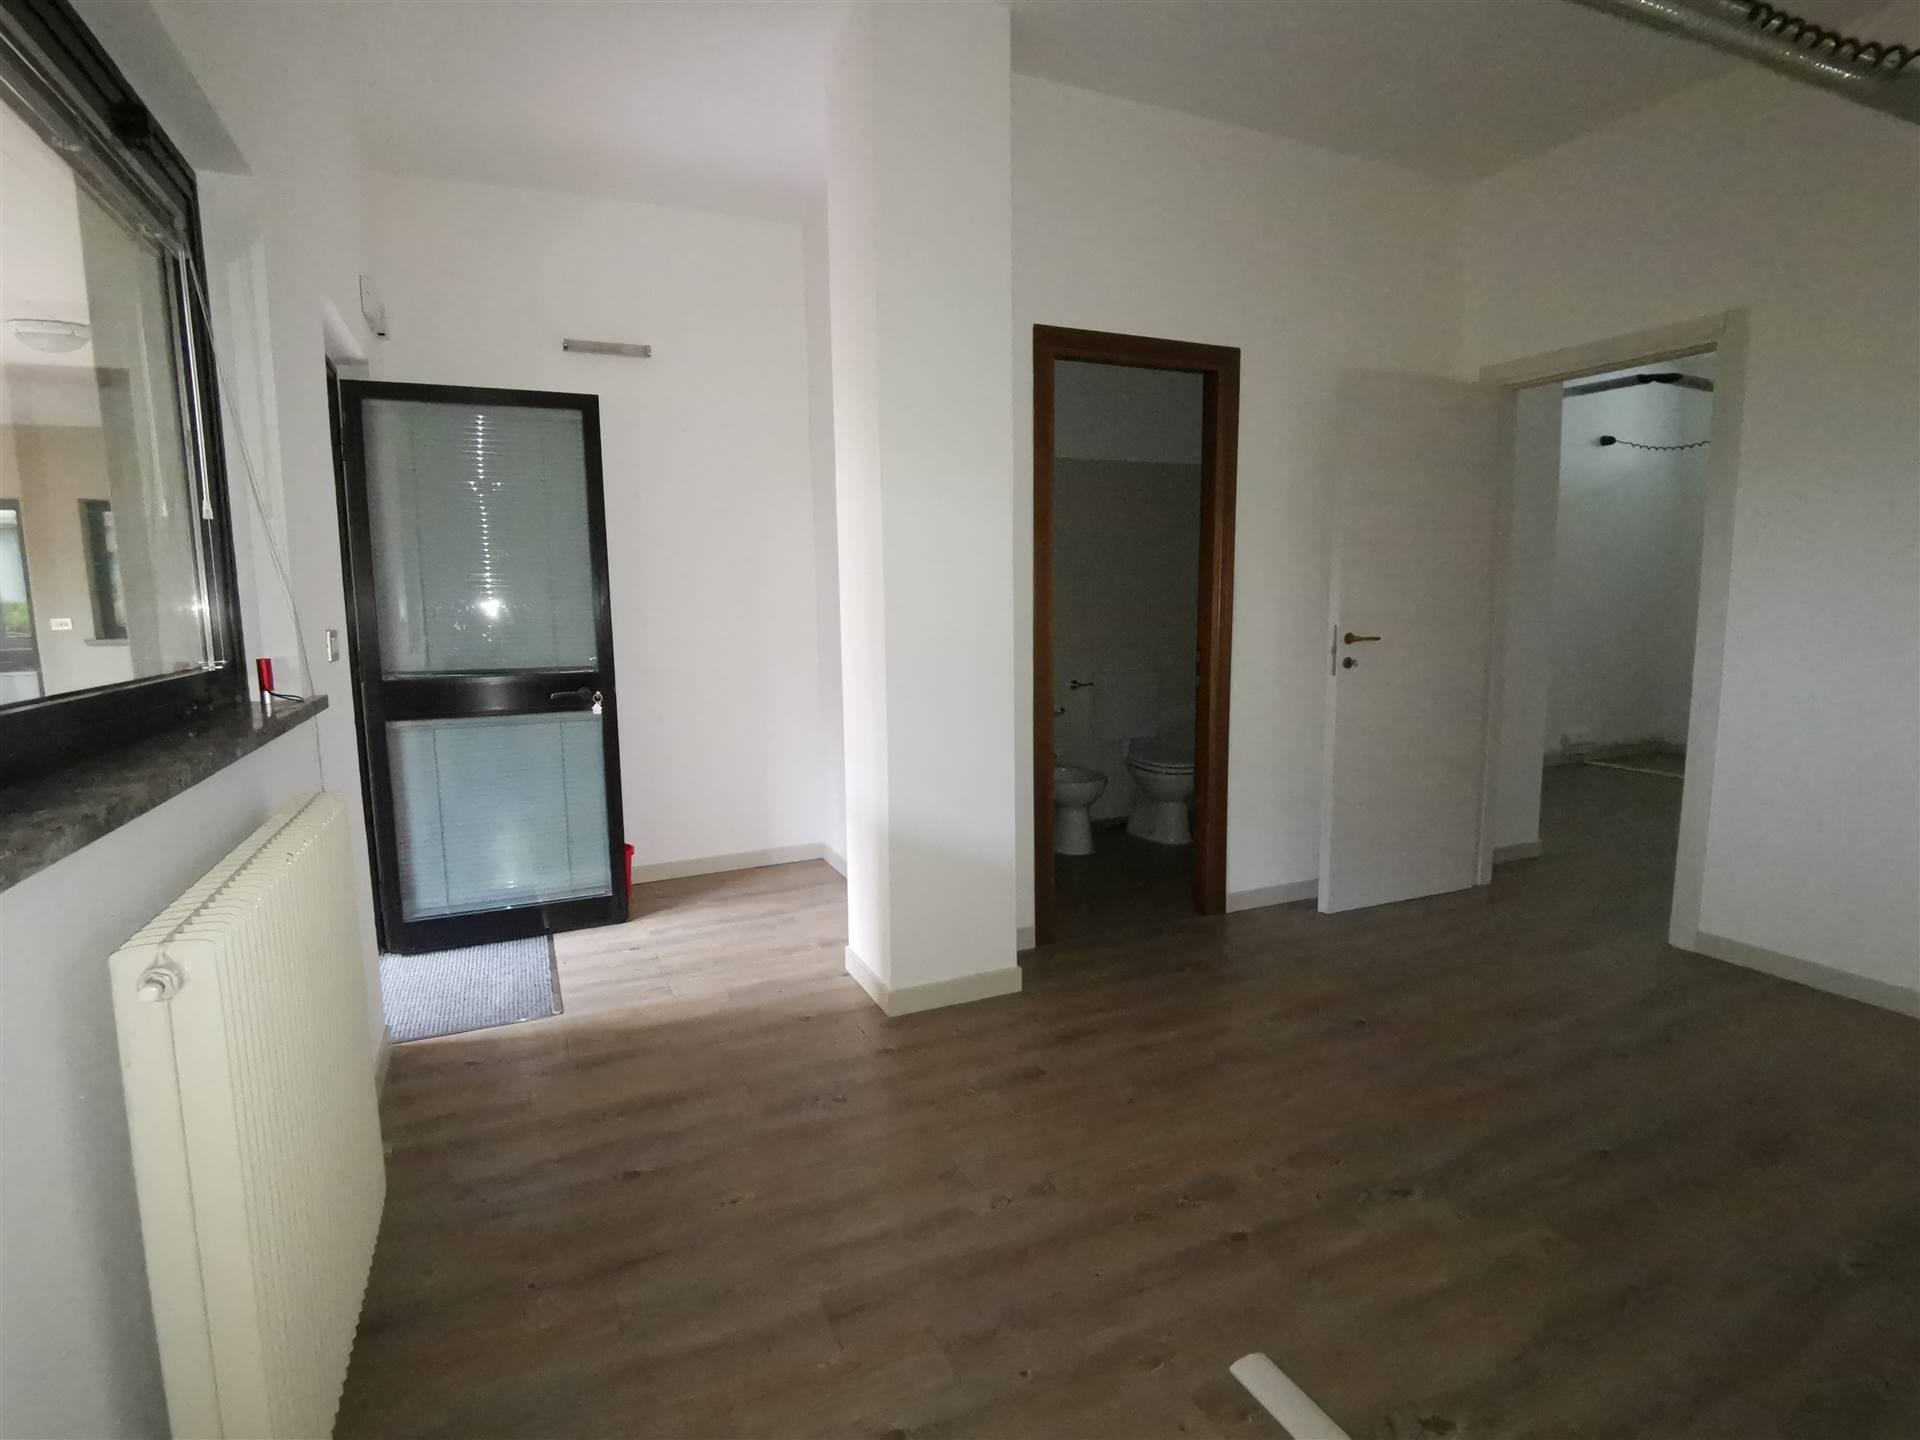 Immobile Commerciale in affitto a Sondrio, 1 locali, zona Località: PERIFERICA SUD: VANONI GIULIANI, prezzo € 300 | PortaleAgenzieImmobiliari.it